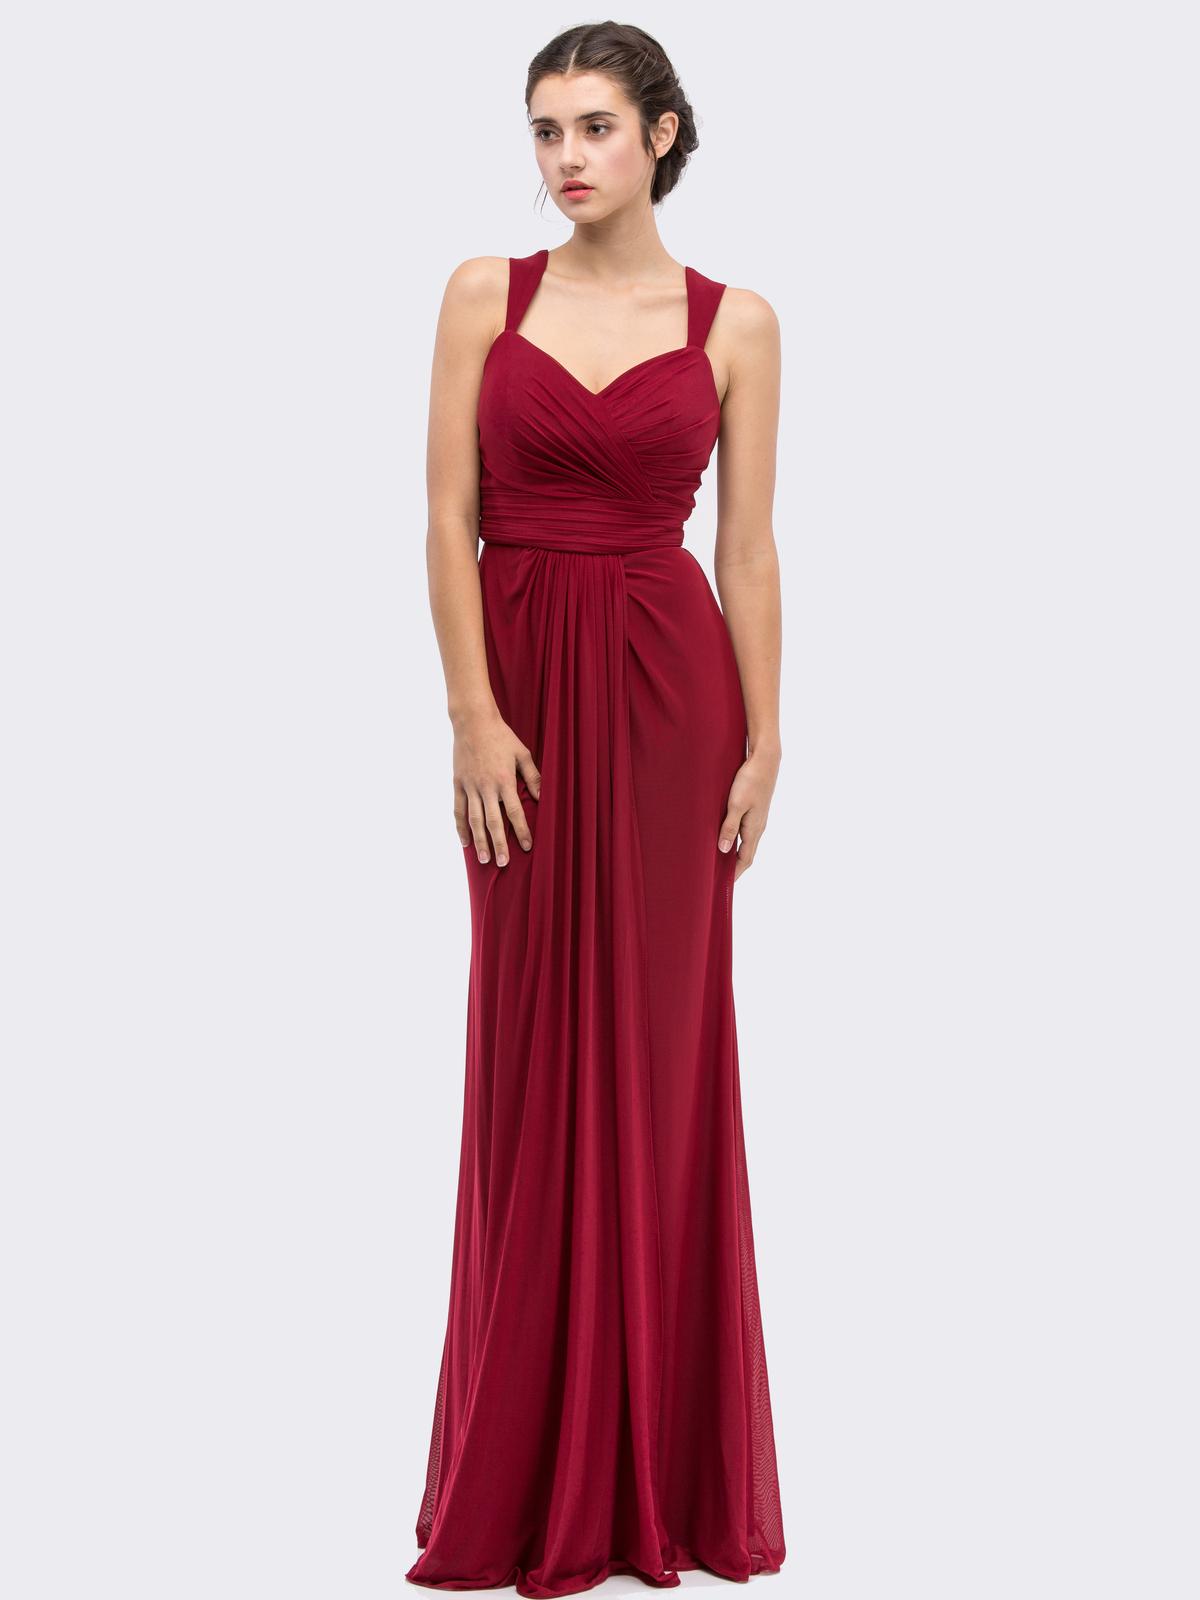 Sleeveless Long Evening Dress | Sung Boutique L.A.